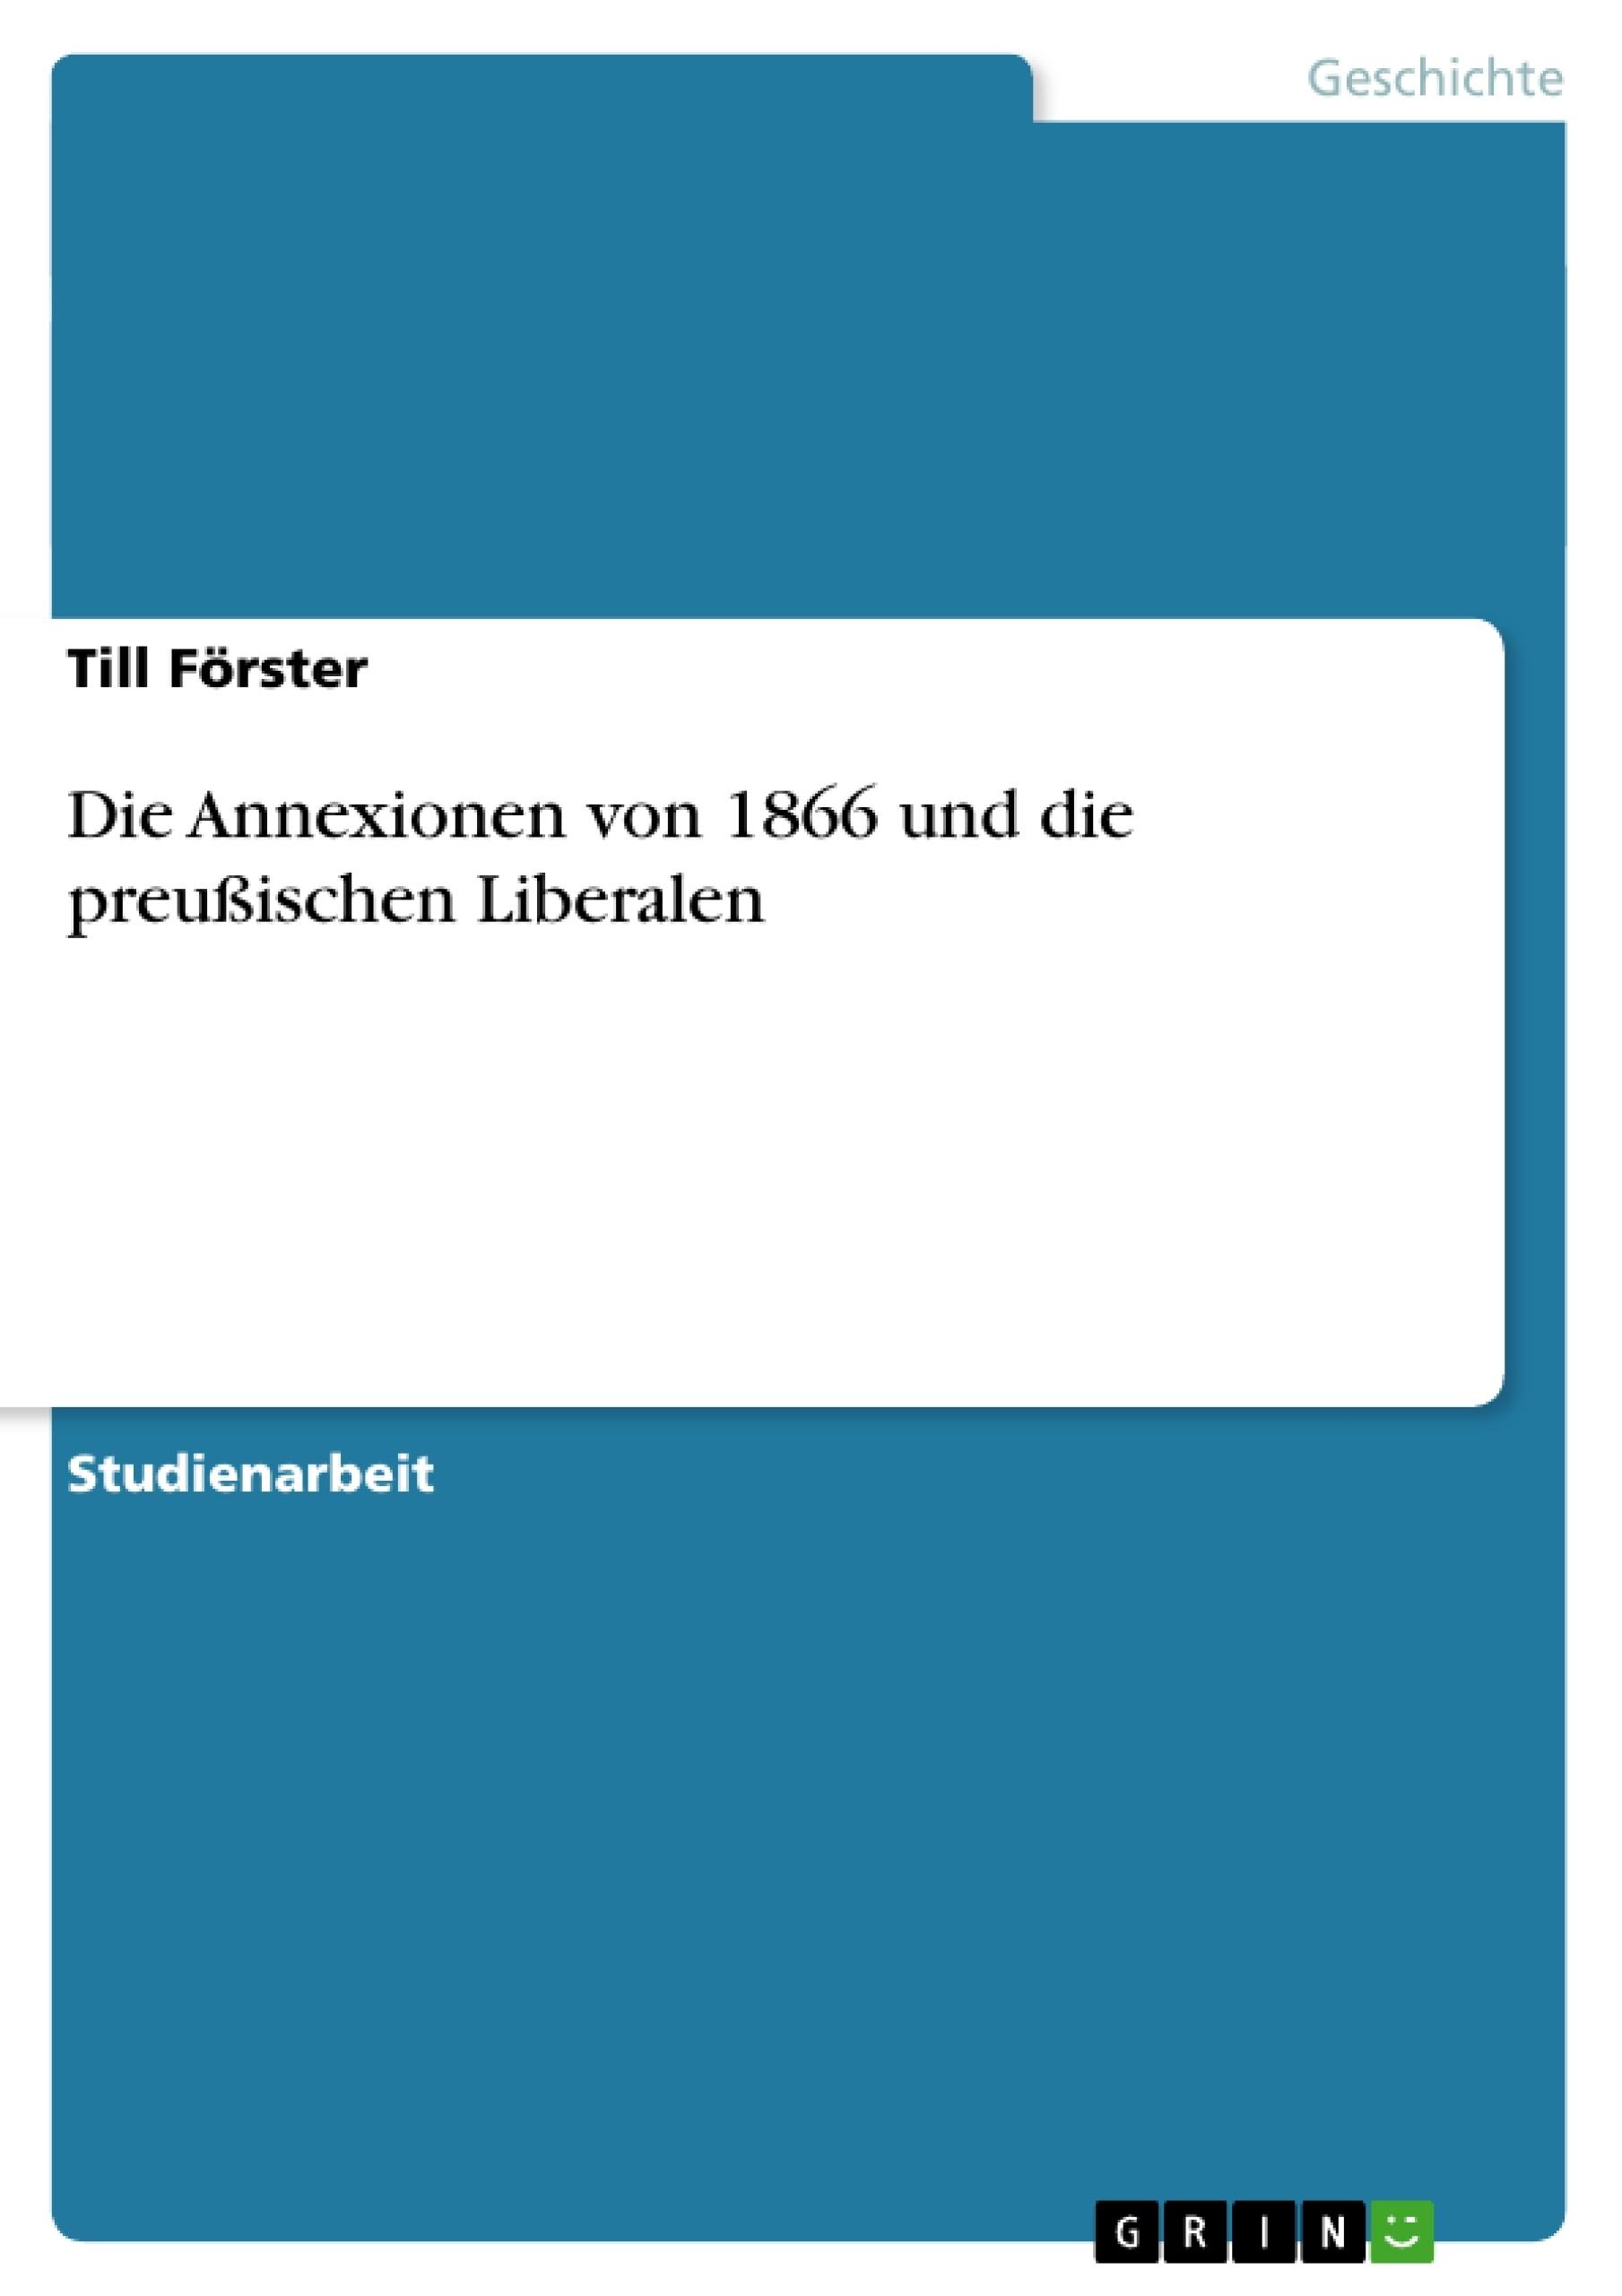 Titel: Die Annexionen von 1866 und die preußischen Liberalen